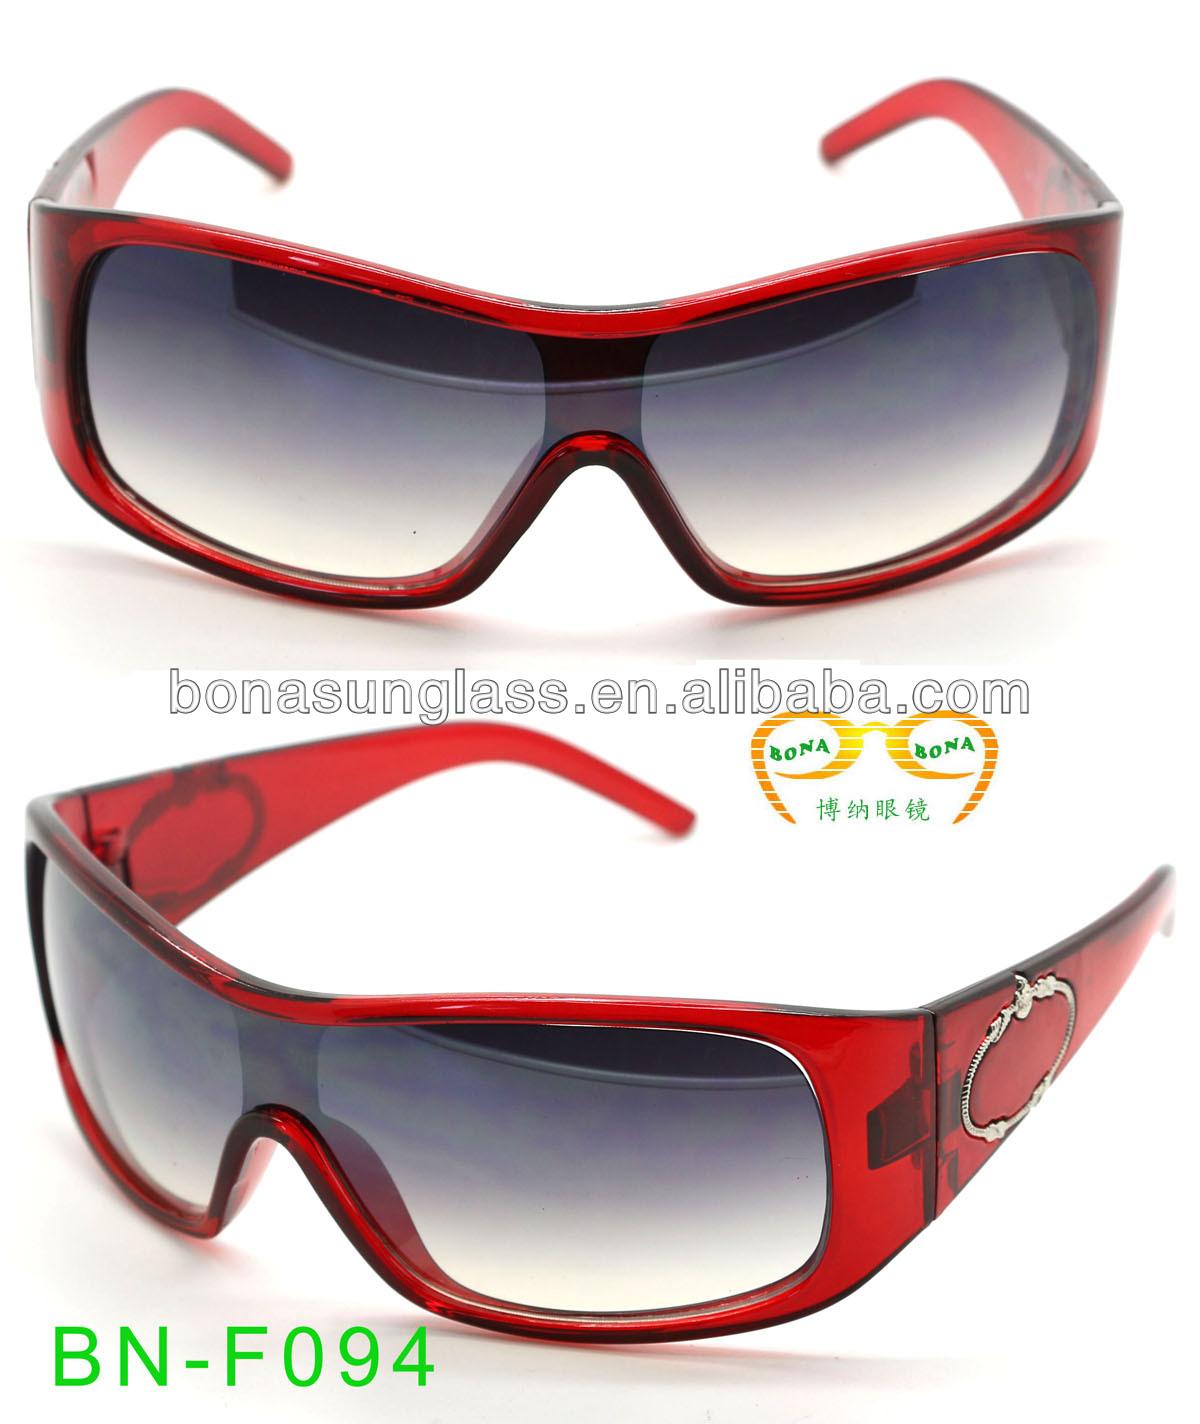 c987215447 Catálogo de fabricantes de Gafas De Sol Protector Transparente de alta  calidad y Gafas De Sol Protector Transparente en Alibaba.com